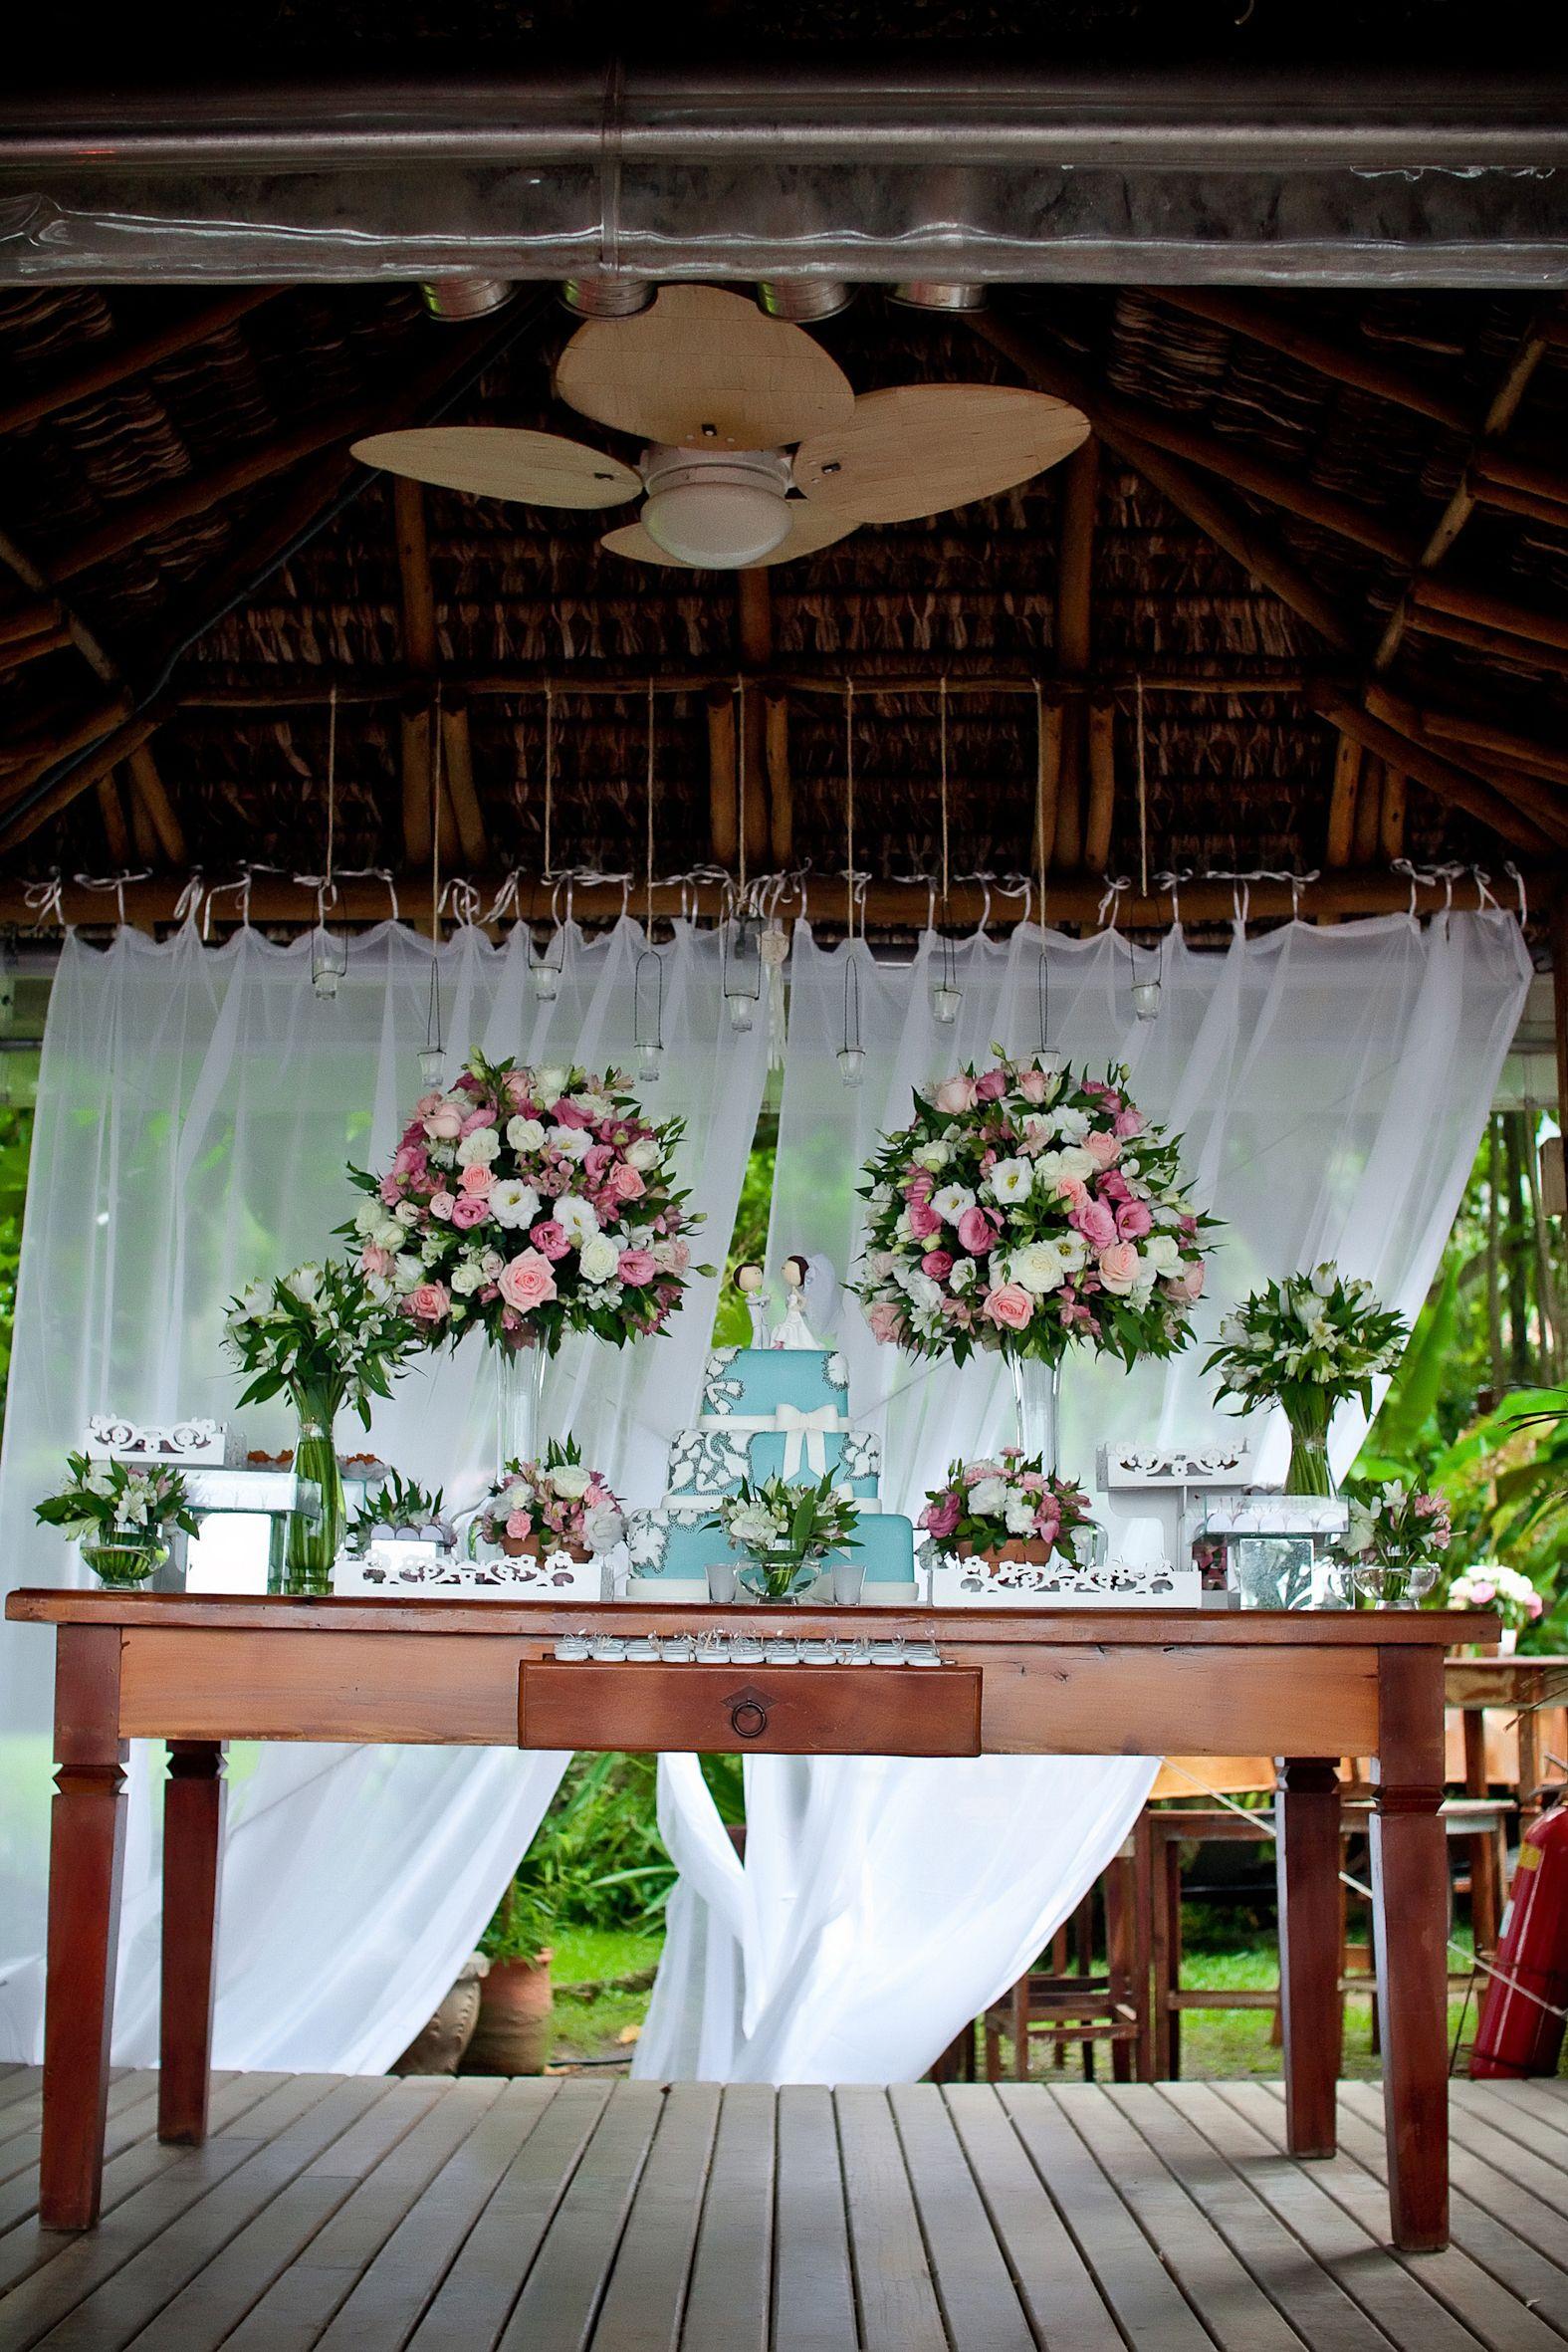 Casamento na praia #casamentonapraia #casamentoilhabela #casamento #decoracaodecasameto #decoracaodeeventos #casamentolitoral http://www.santinhadopauoco.com/